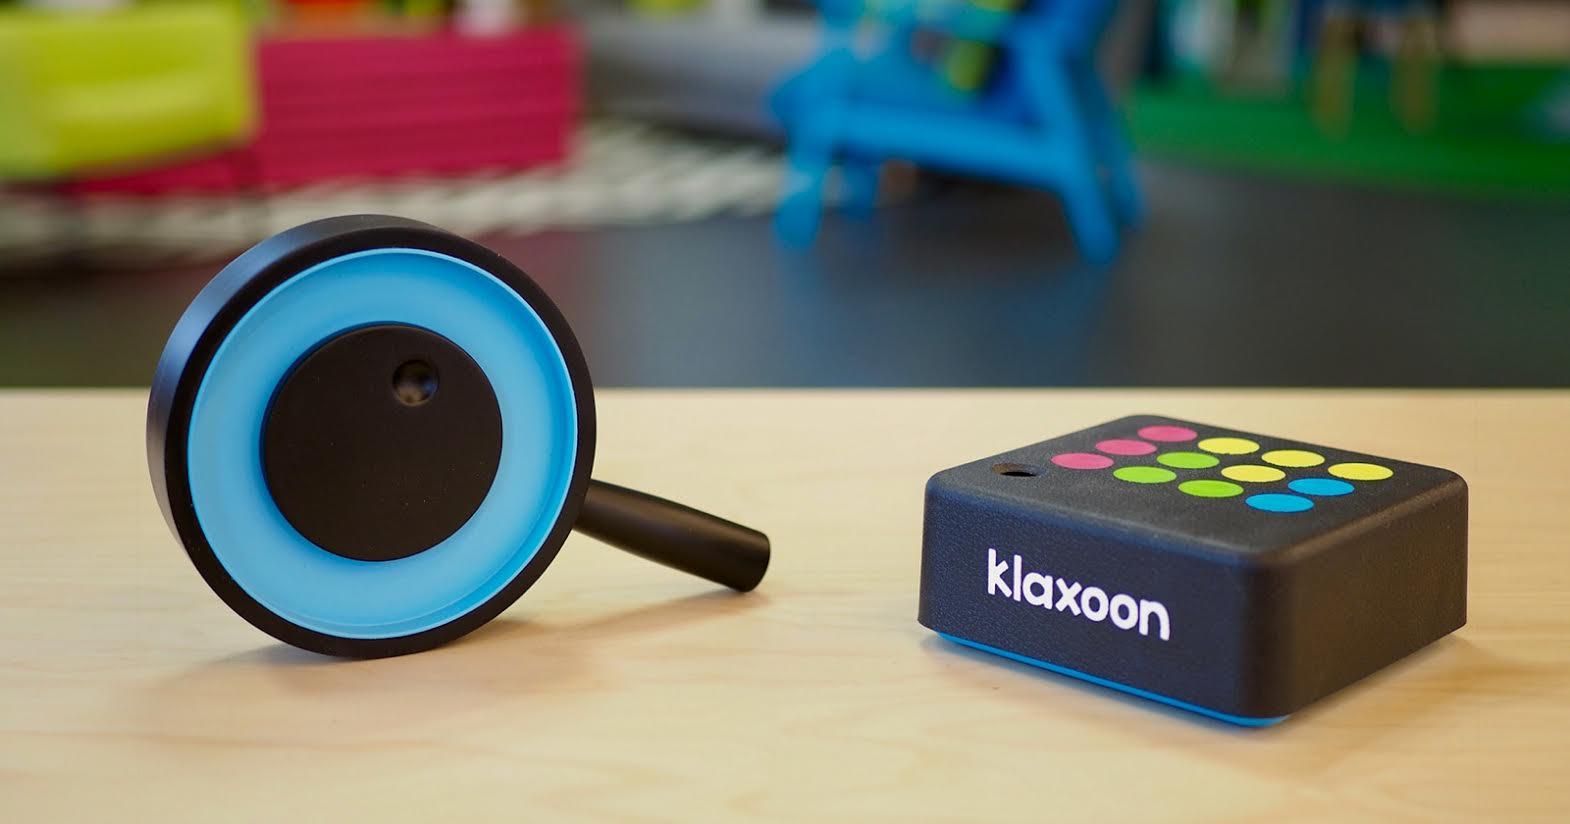 CES 2017: La Loupe de Klaxoon, l'outil connecté qui stimule l'intelligence collective